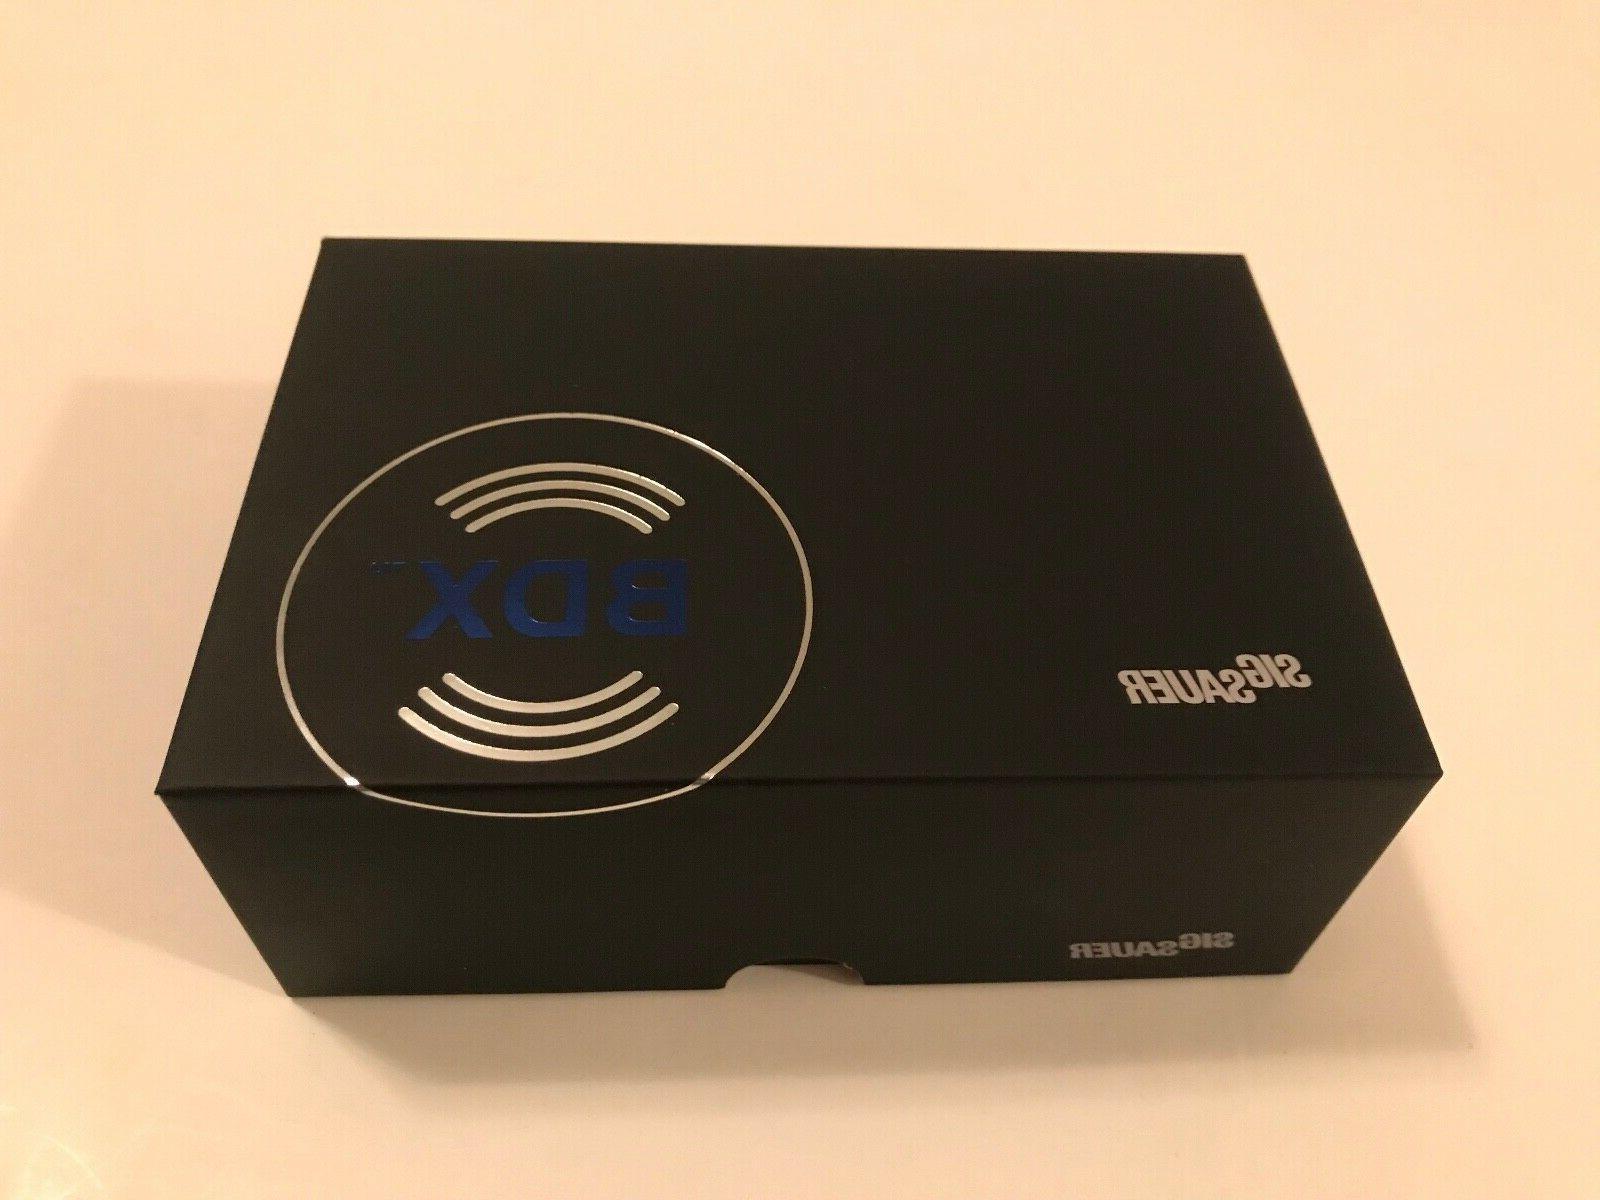 kilo 1400bdx 6x20mm laser range finder